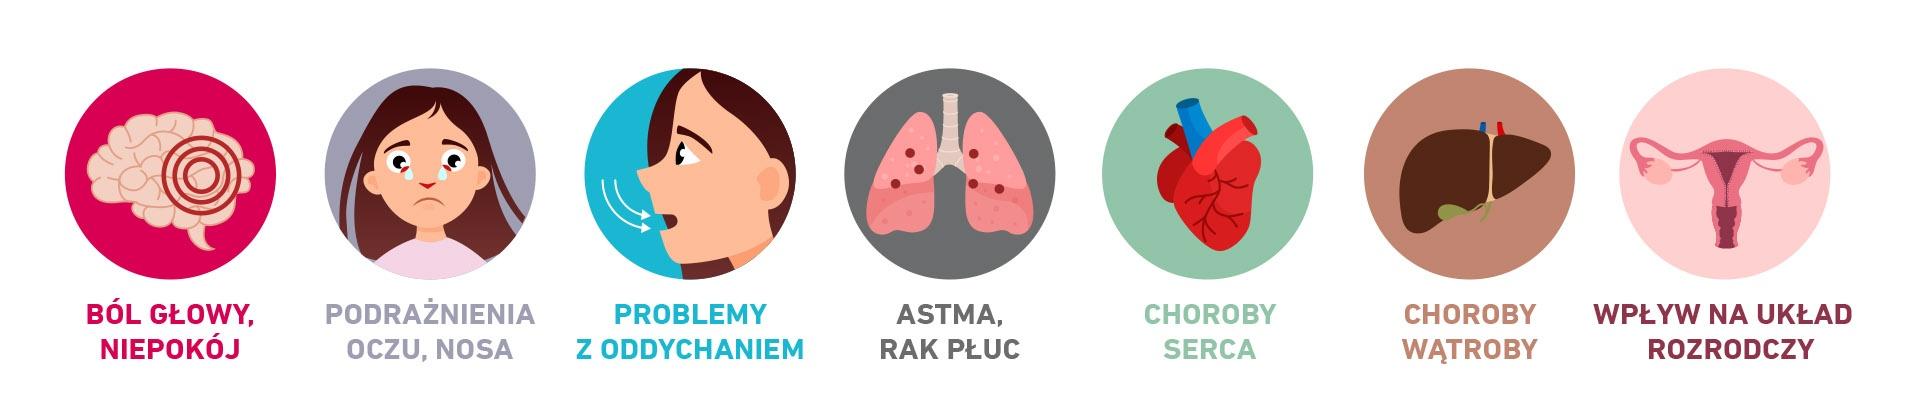 Dlaczego zanieczyszczenia są groźne dla zdrowia